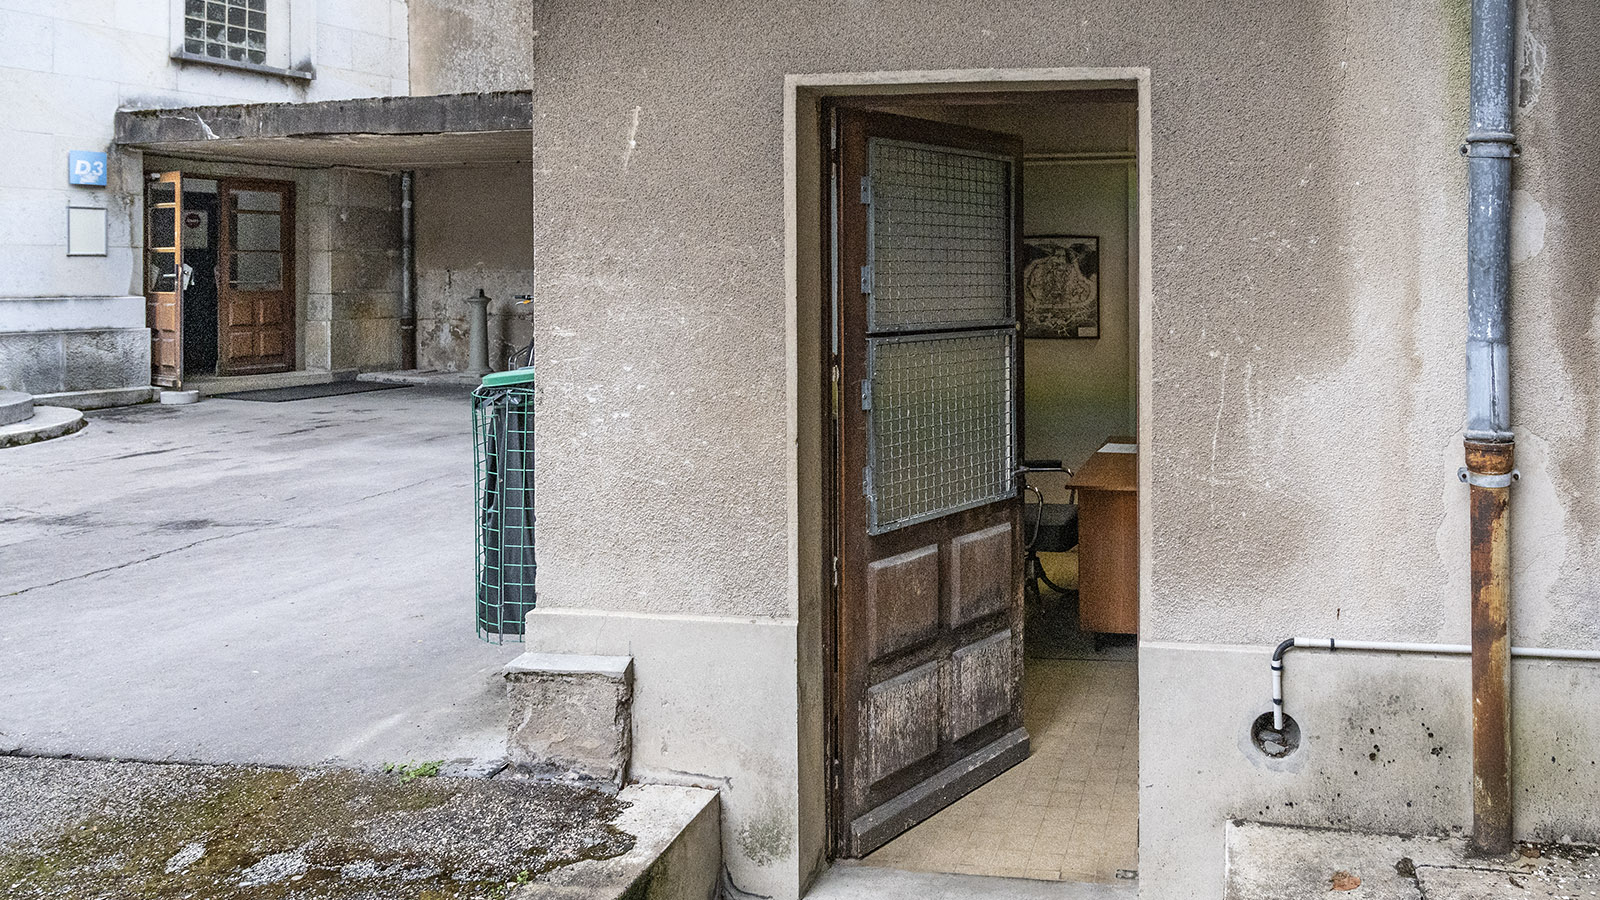 Besançon: Hinter dieser unscheinbaren Tür in einem Hinterhof der Uni verbirgt sich Erstaunliches. Foto: Hilke Maunder